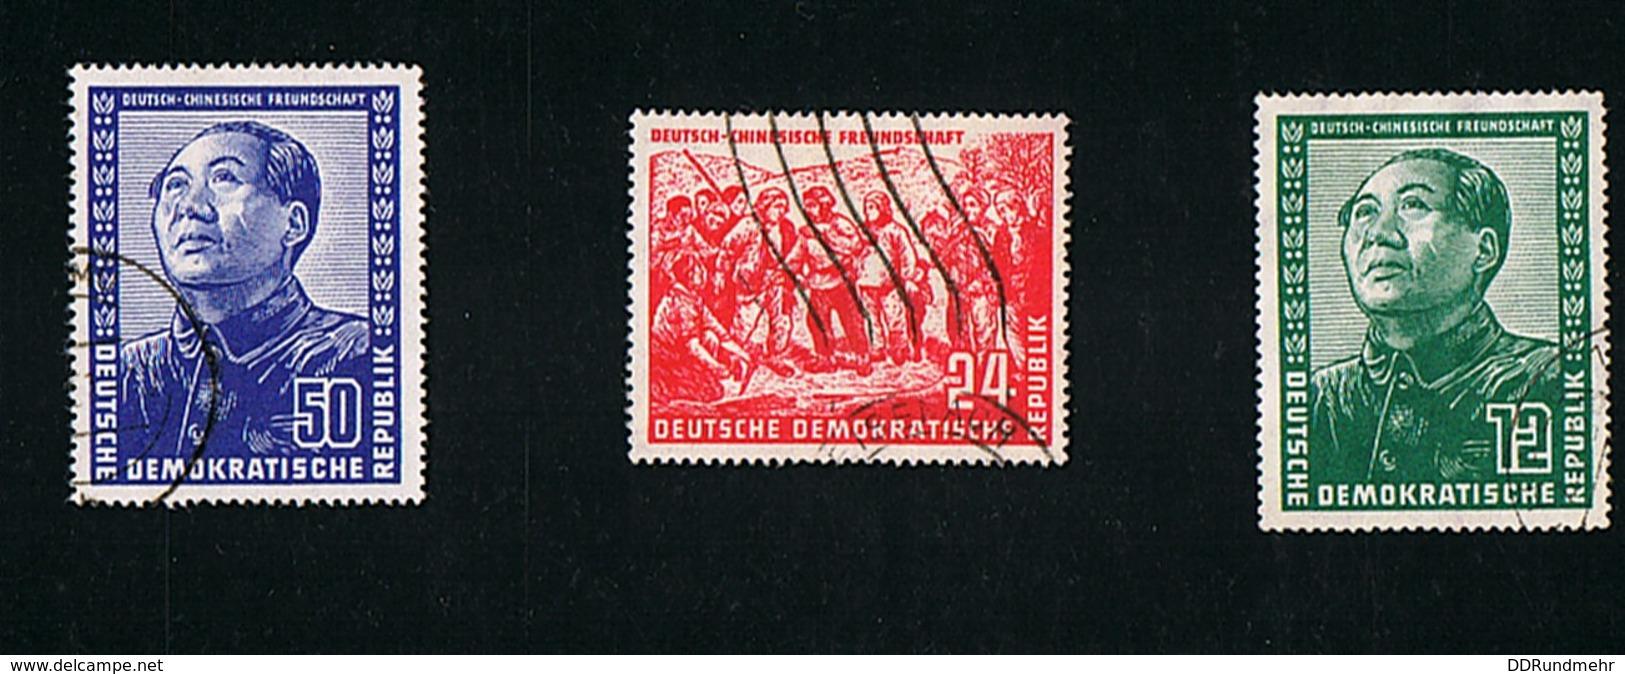 27. Juni 1951, Deutsch-chinesische Freundschaft, Kompletter Satz, Gestempelt Siehe Scan - DDR